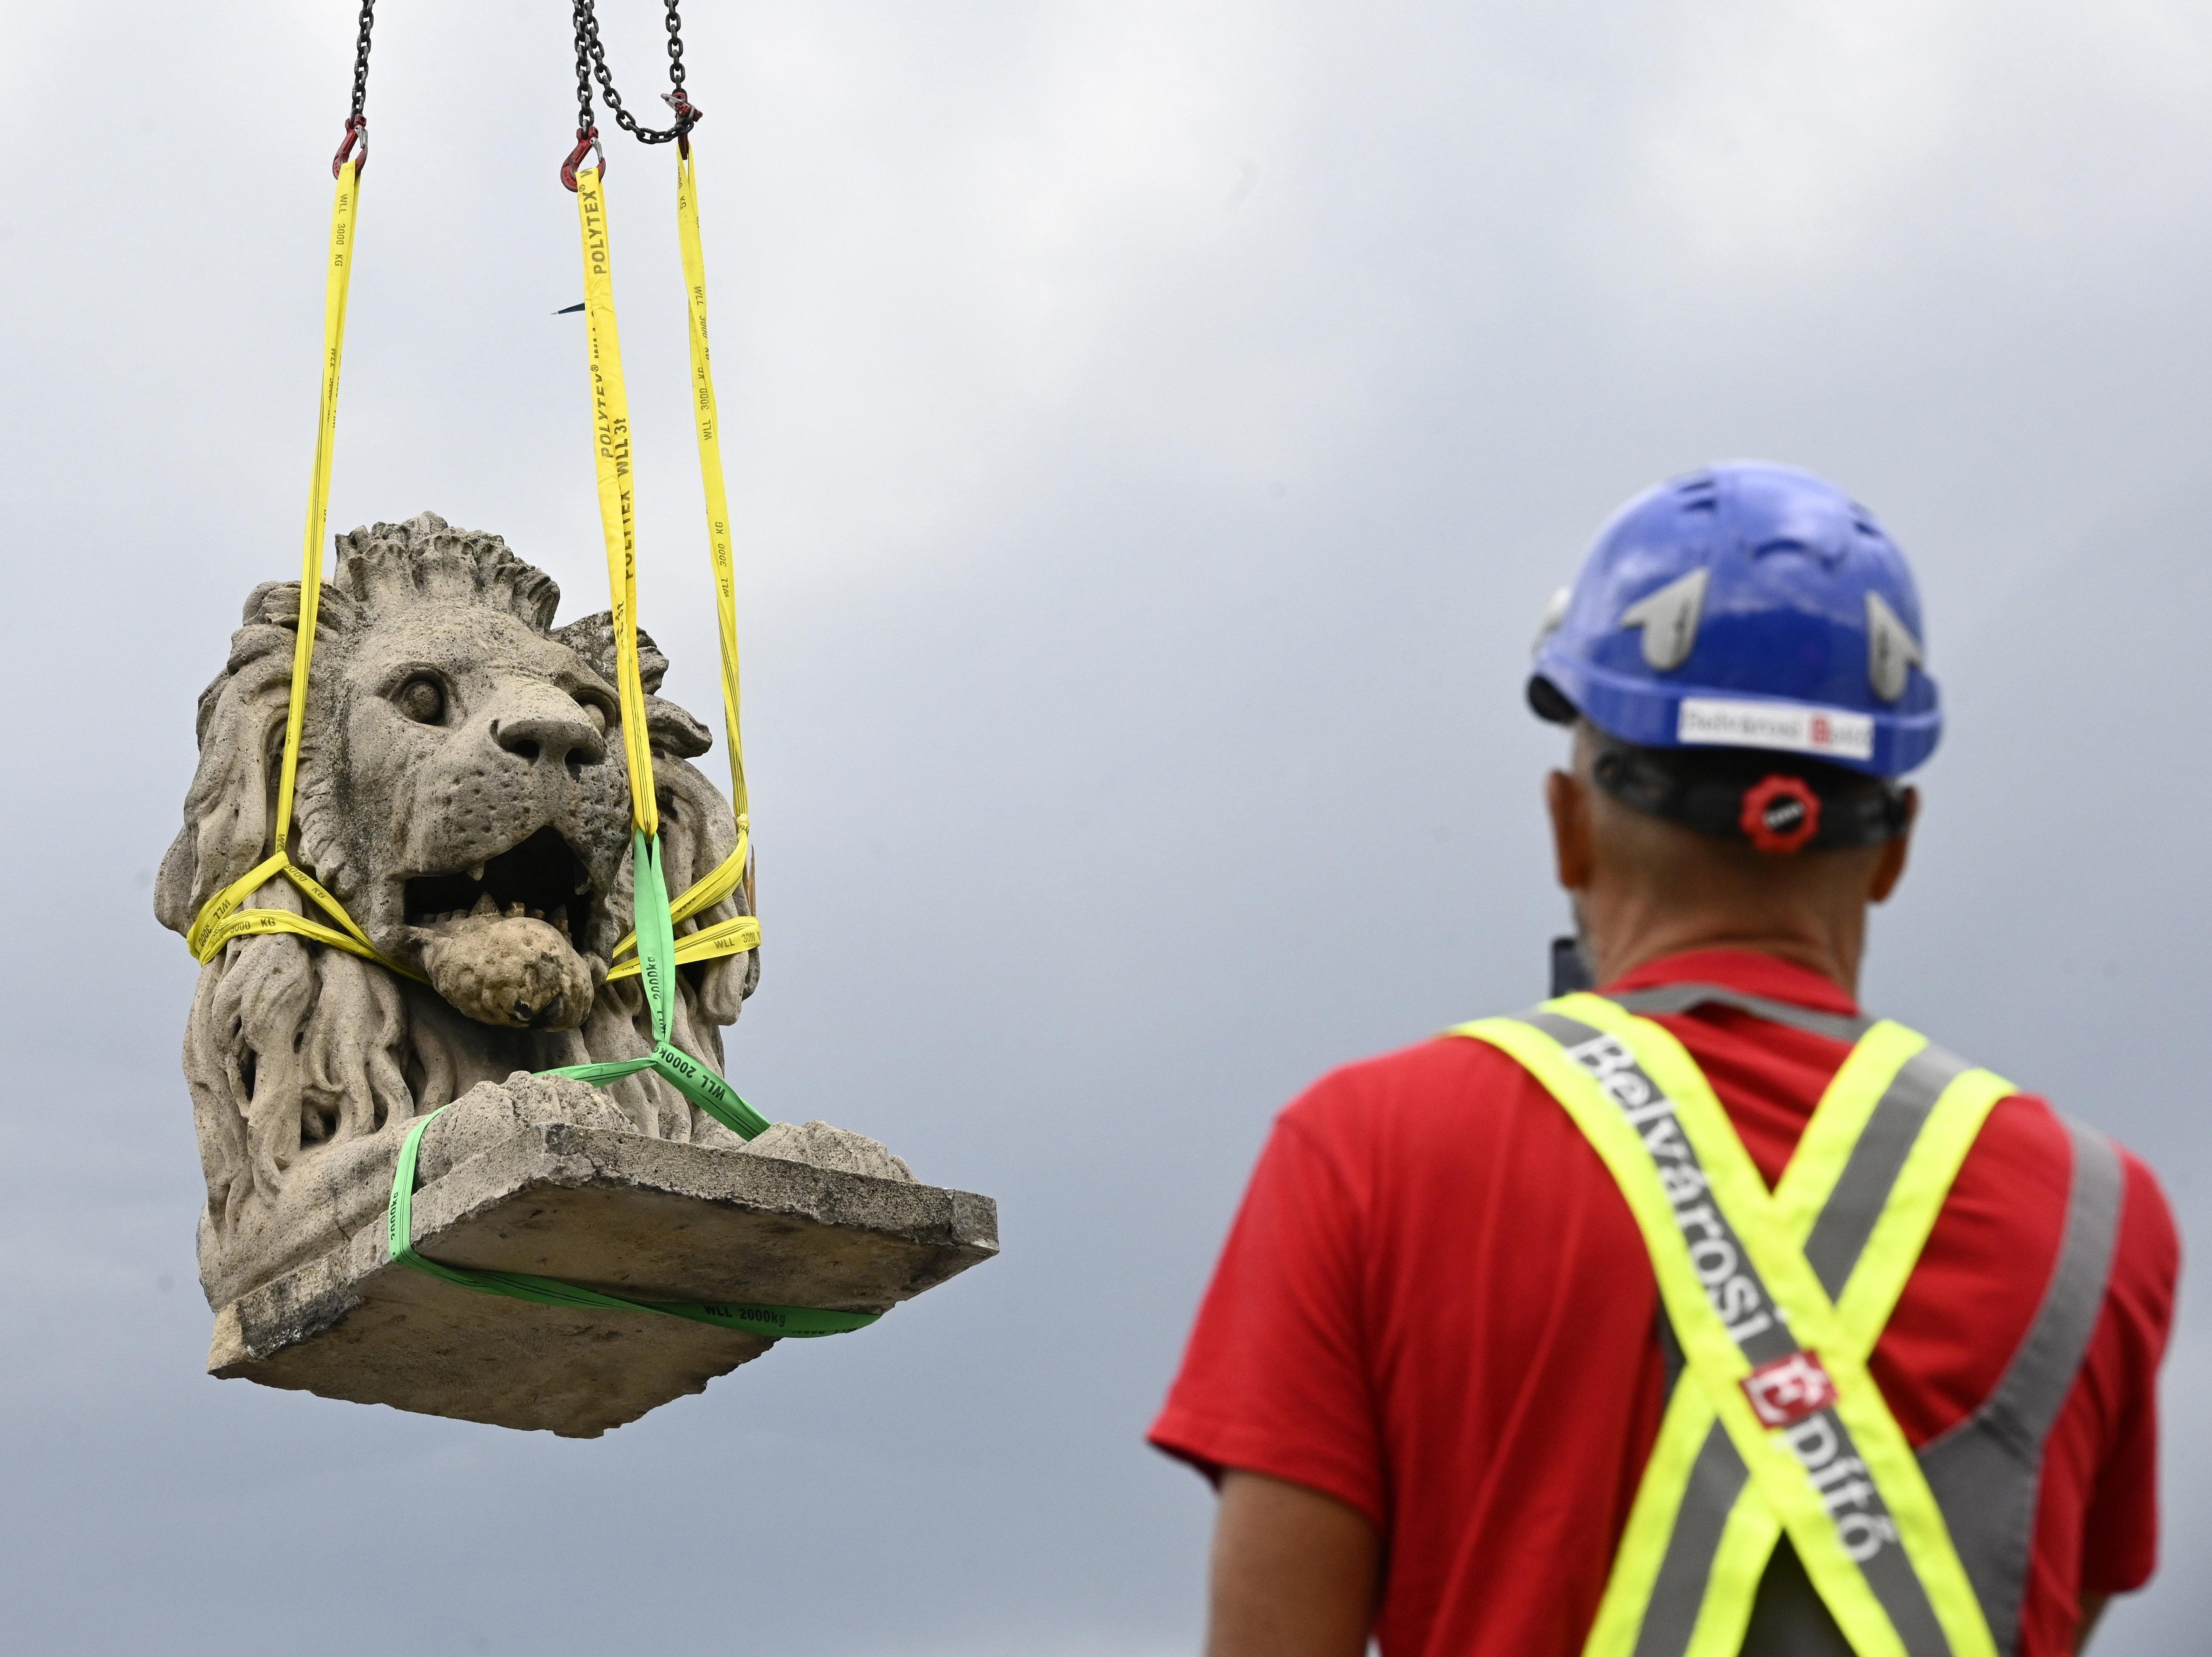 Leemelték az első oroszlánt a Lánchídról